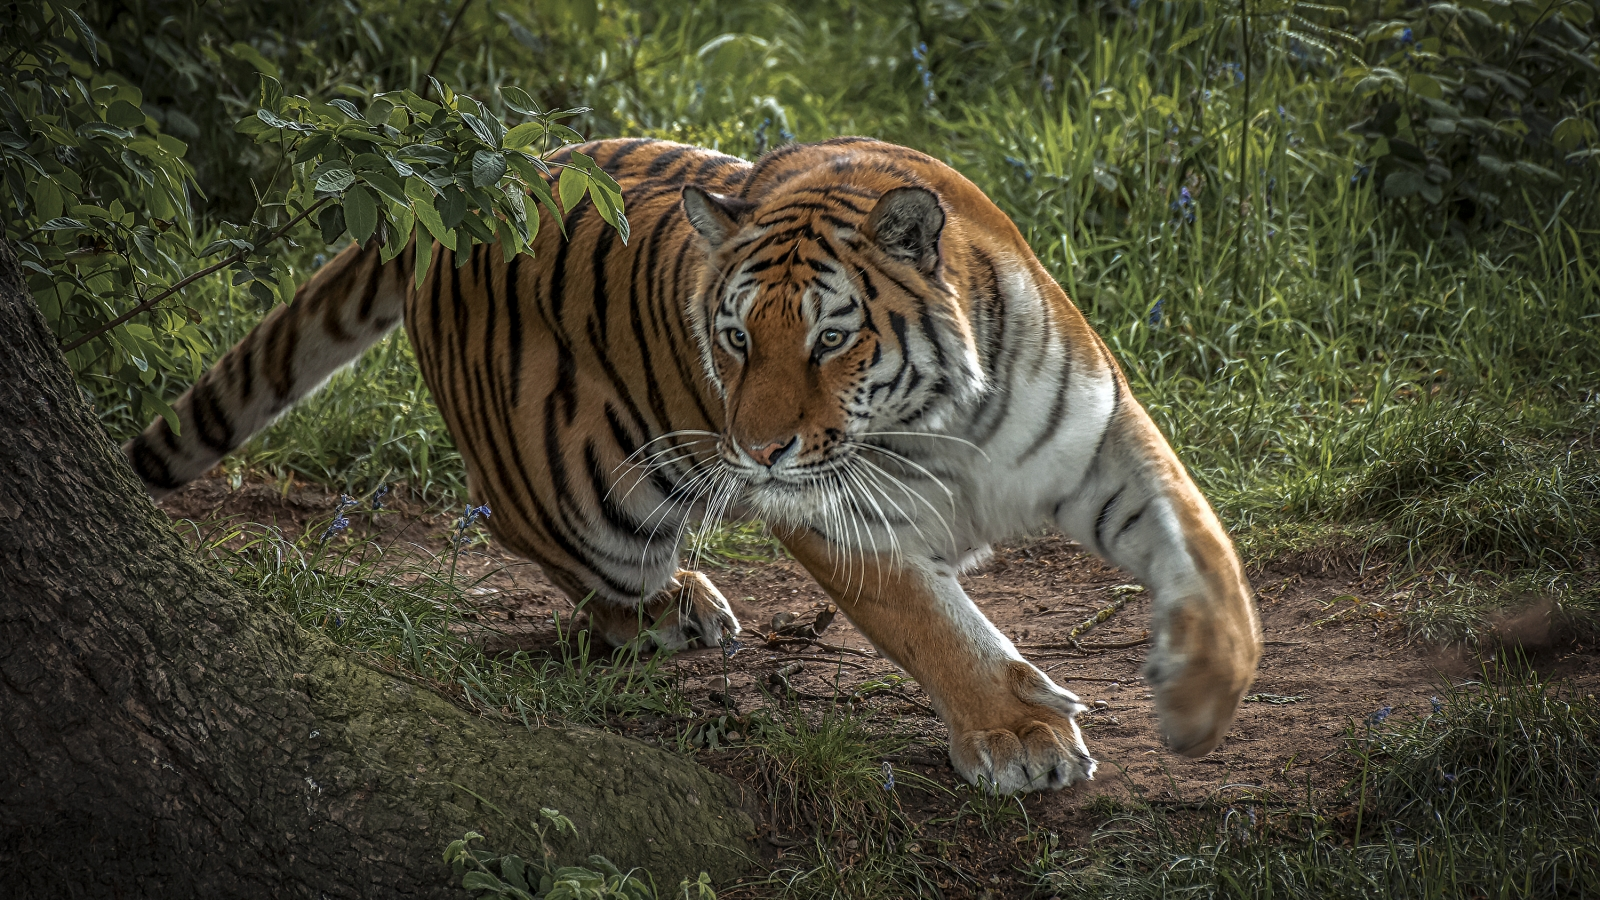 Tigre corriendo - 1600x900